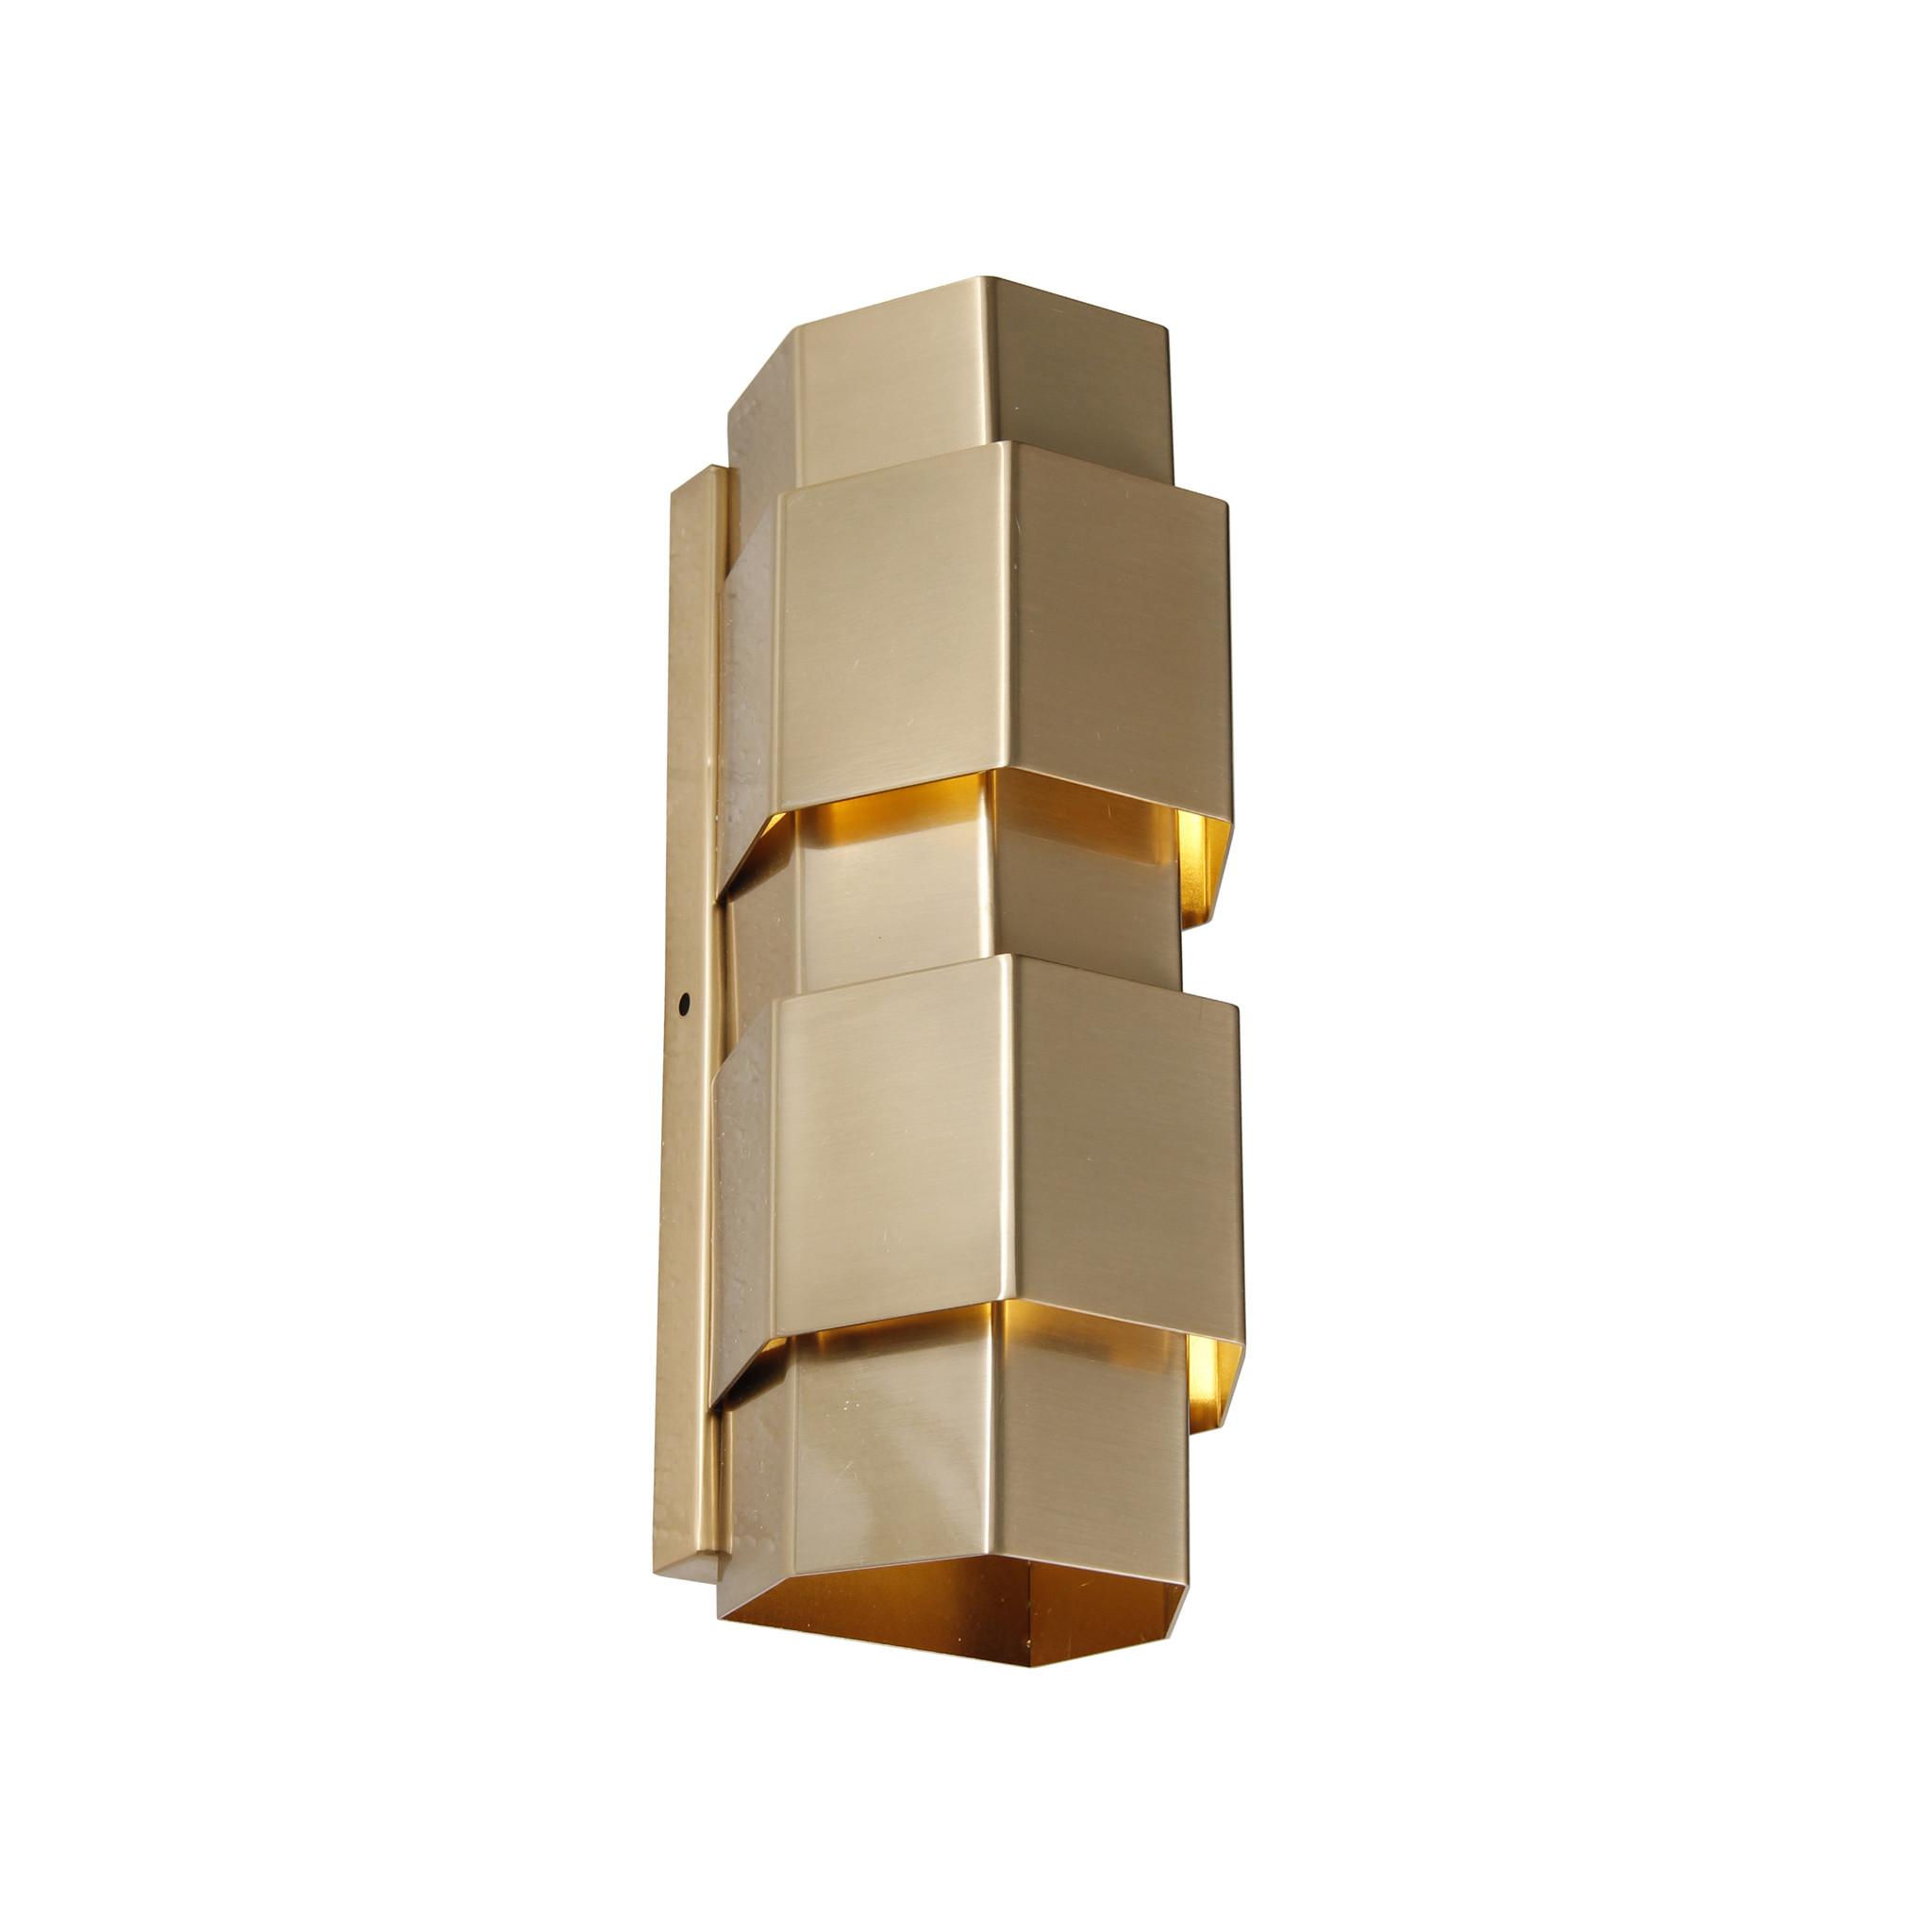 SAINT Wall light hexagon brass-1